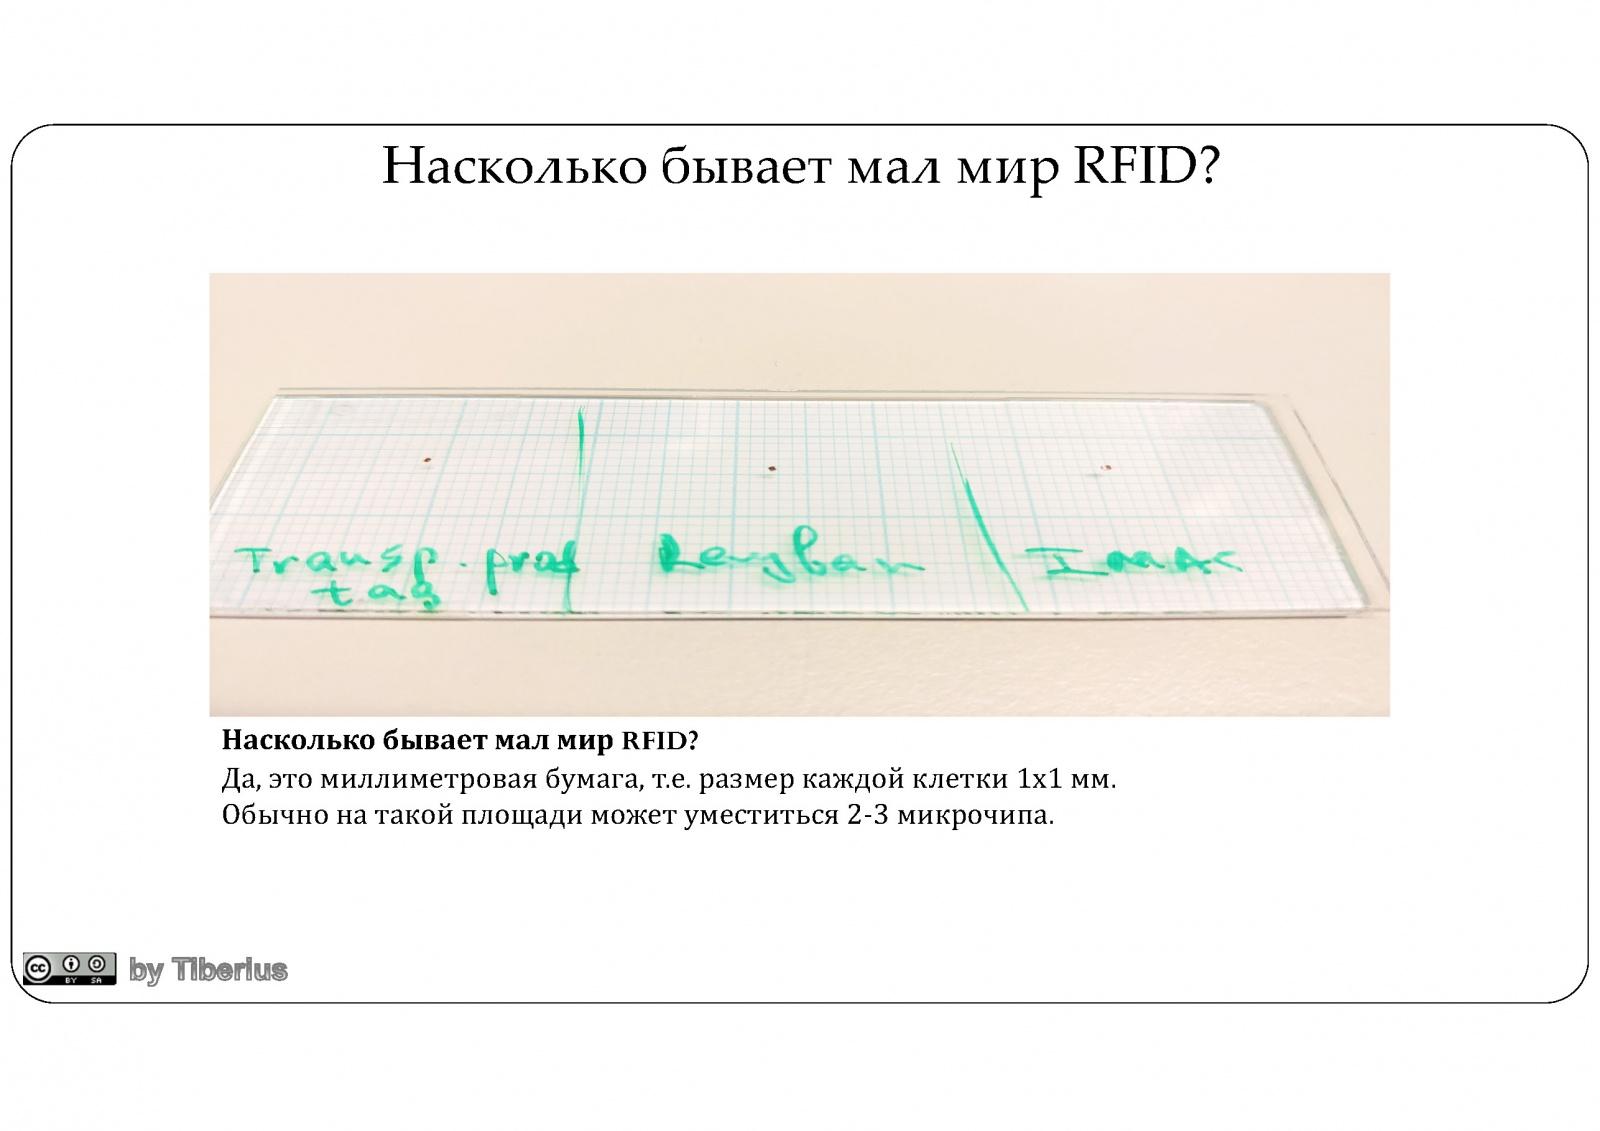 Взгляд изнутри: RFID в современном мире. Часть 1: RFID в быту - 3